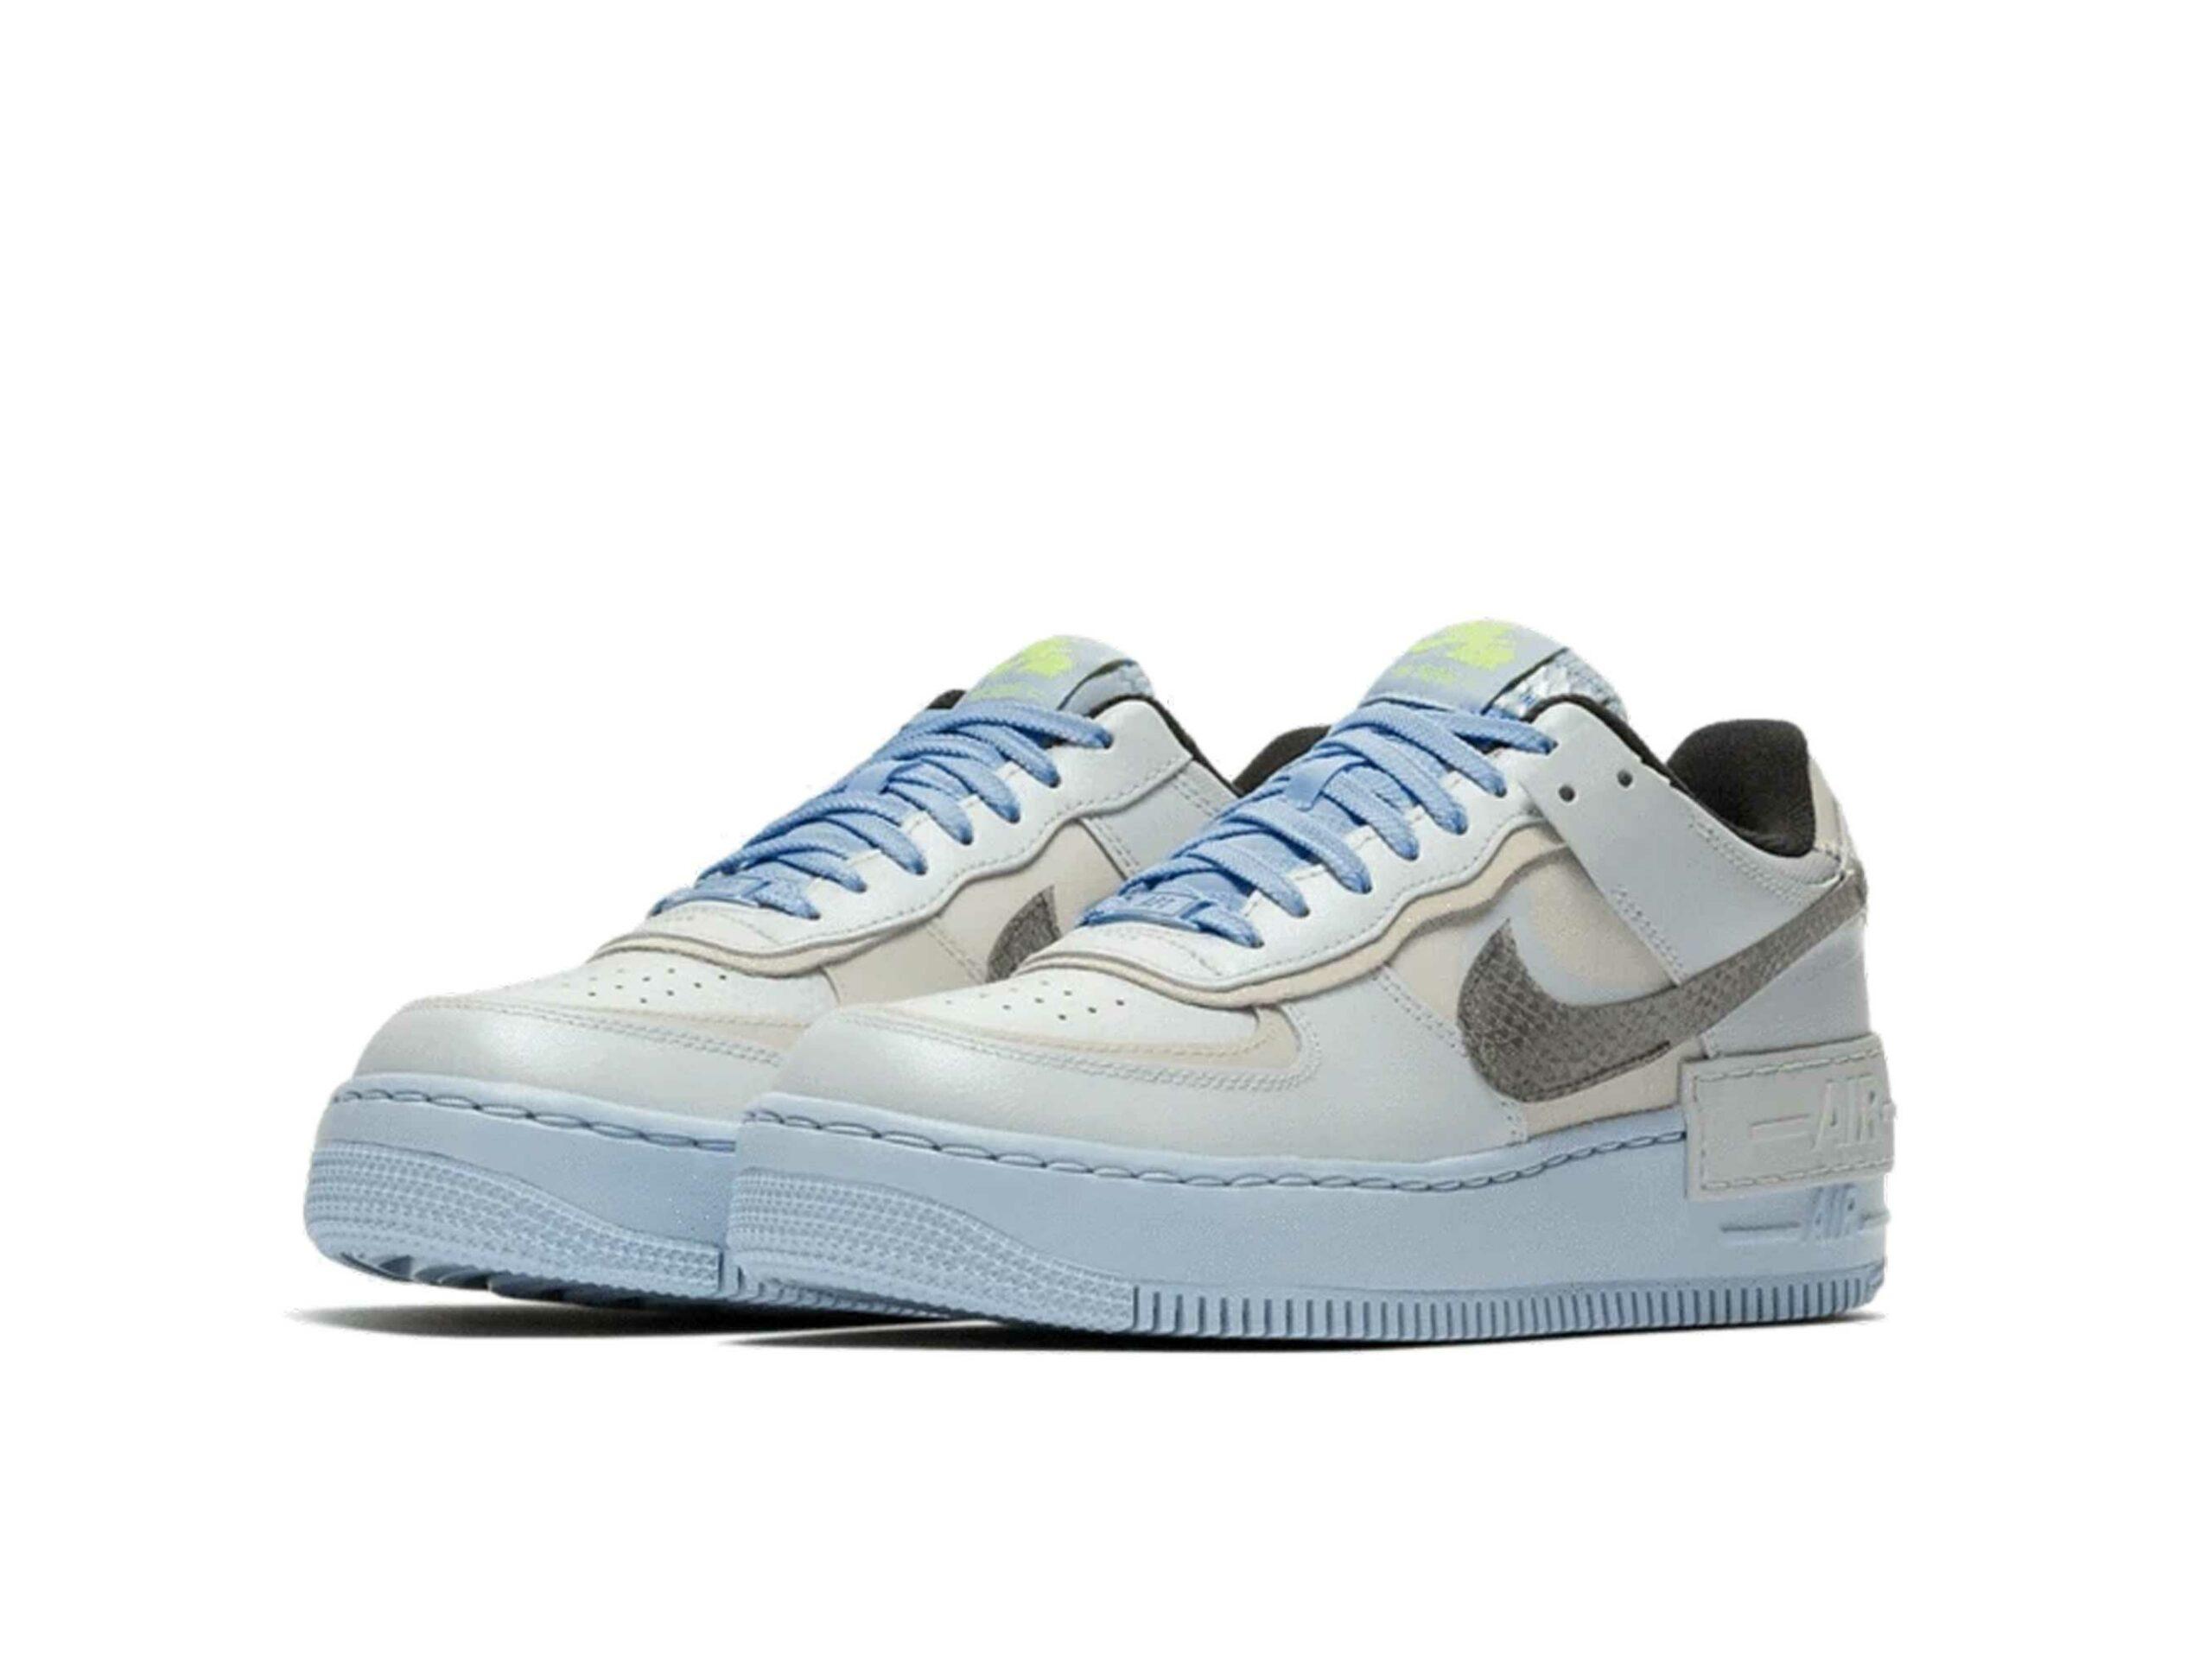 nike air force 1 shadow hydrogen blue cv3027_001 купить